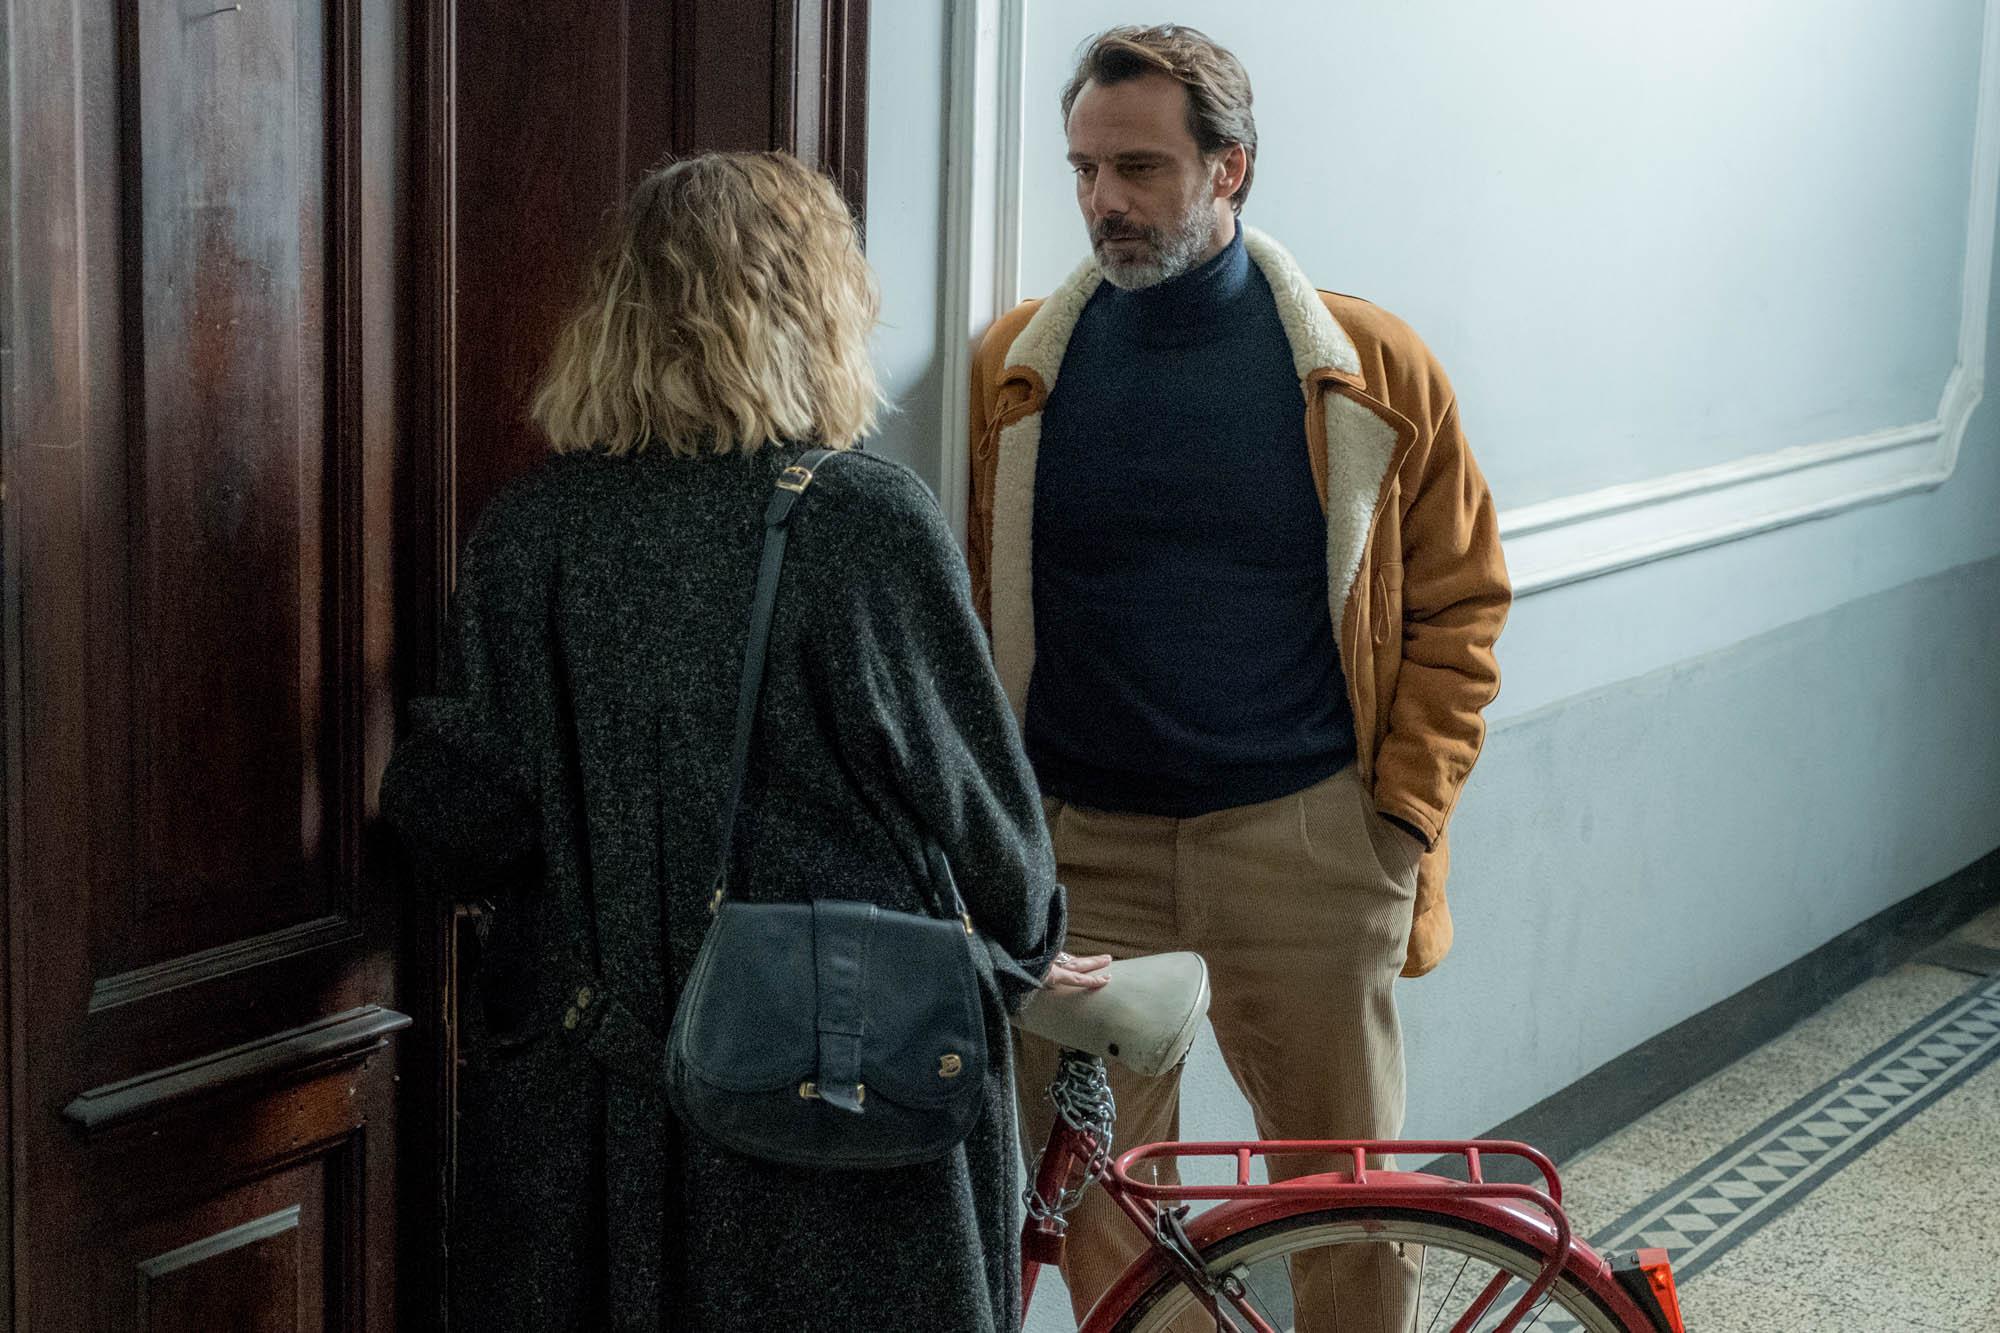 Nessuno come noi film 2018